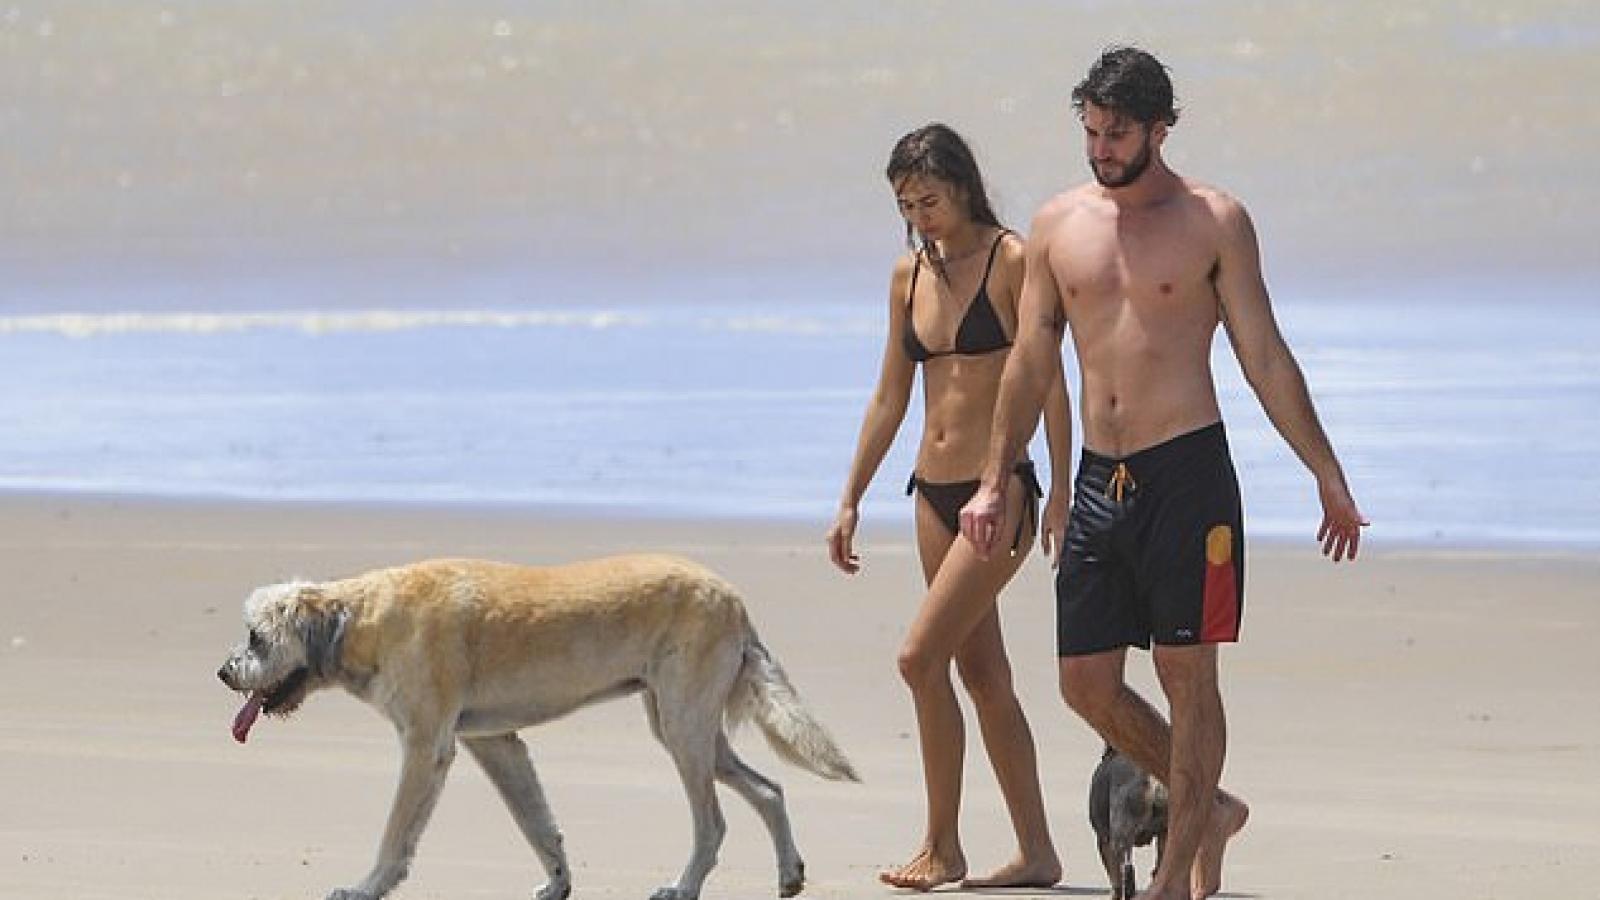 Liam Hemsworth ngọt ngào ôm bạn gái trên bãi biển